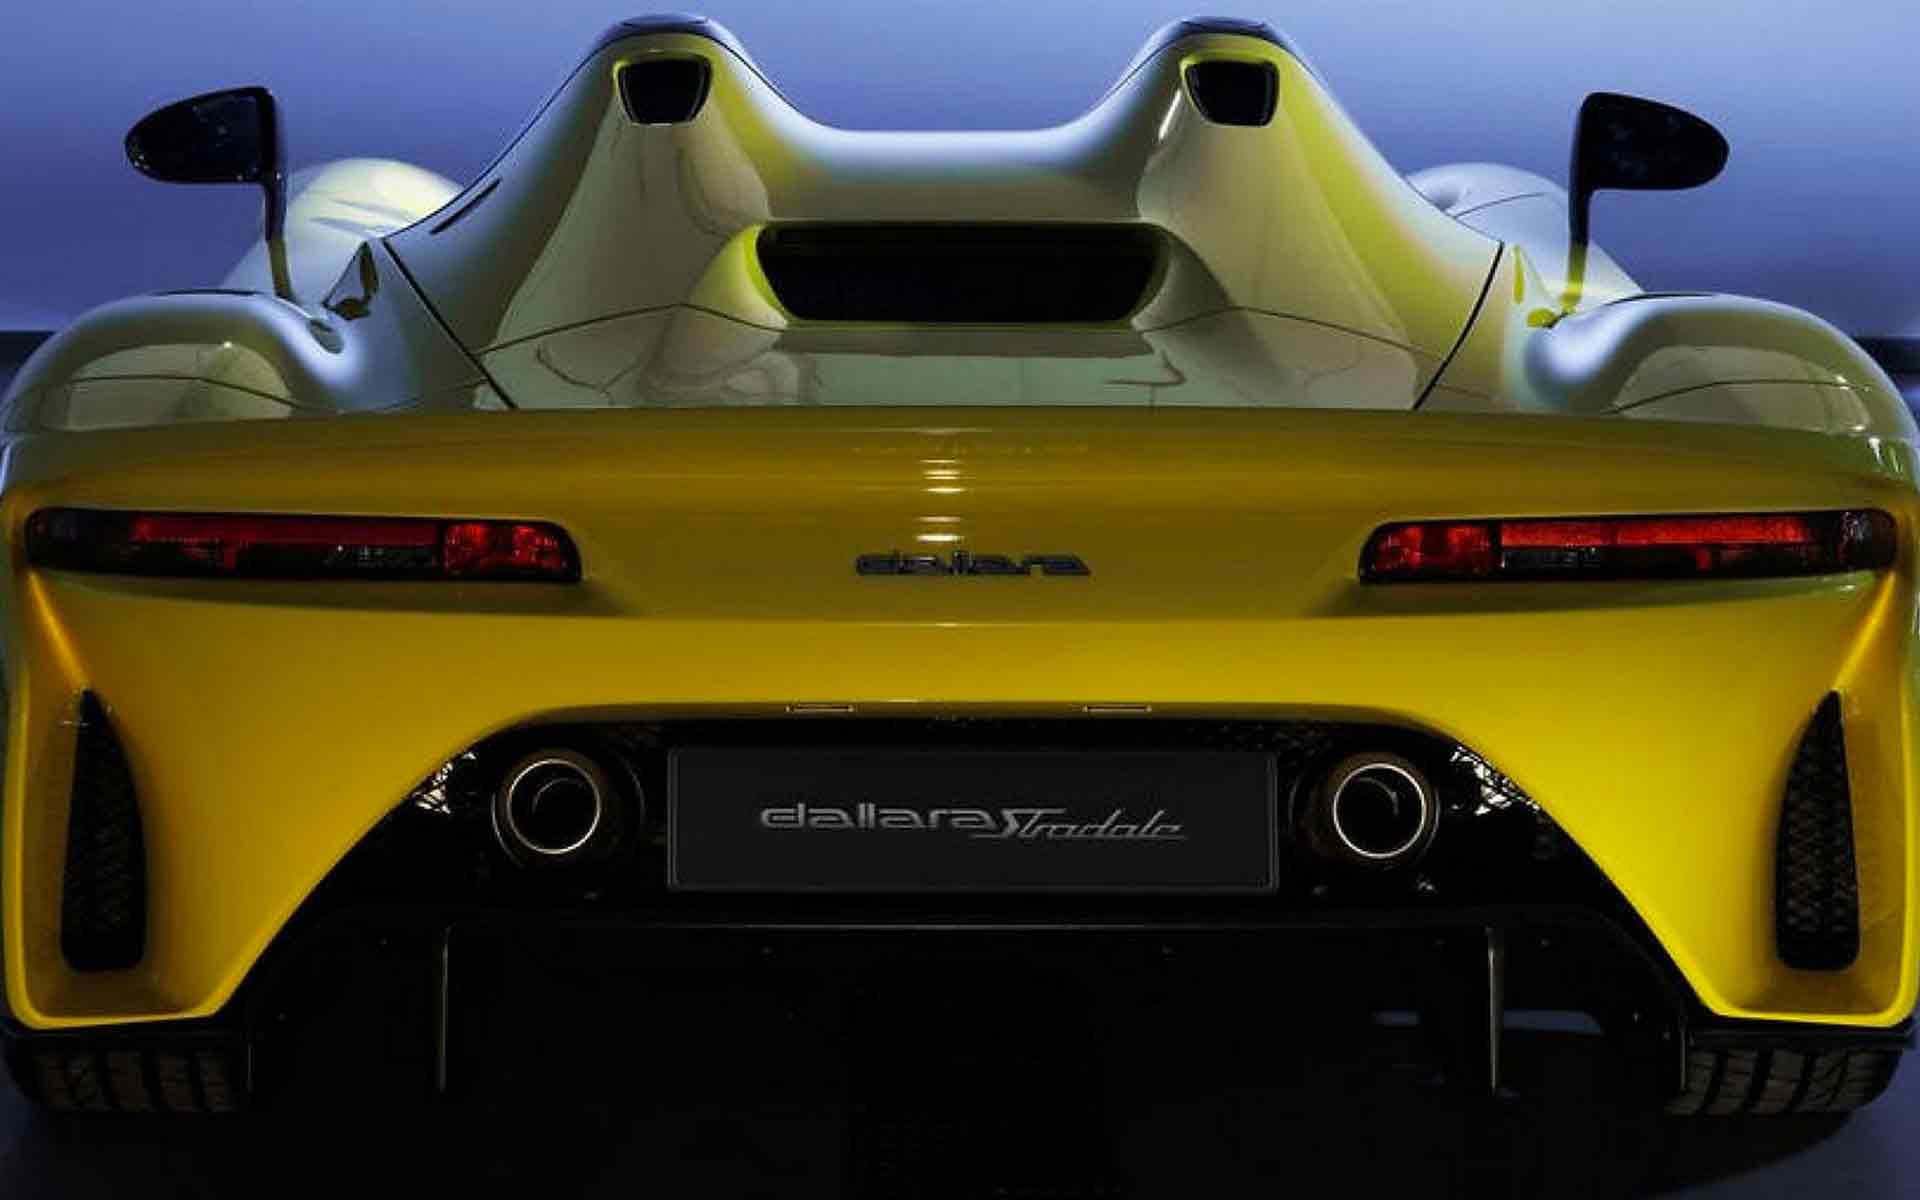 Dallara 03